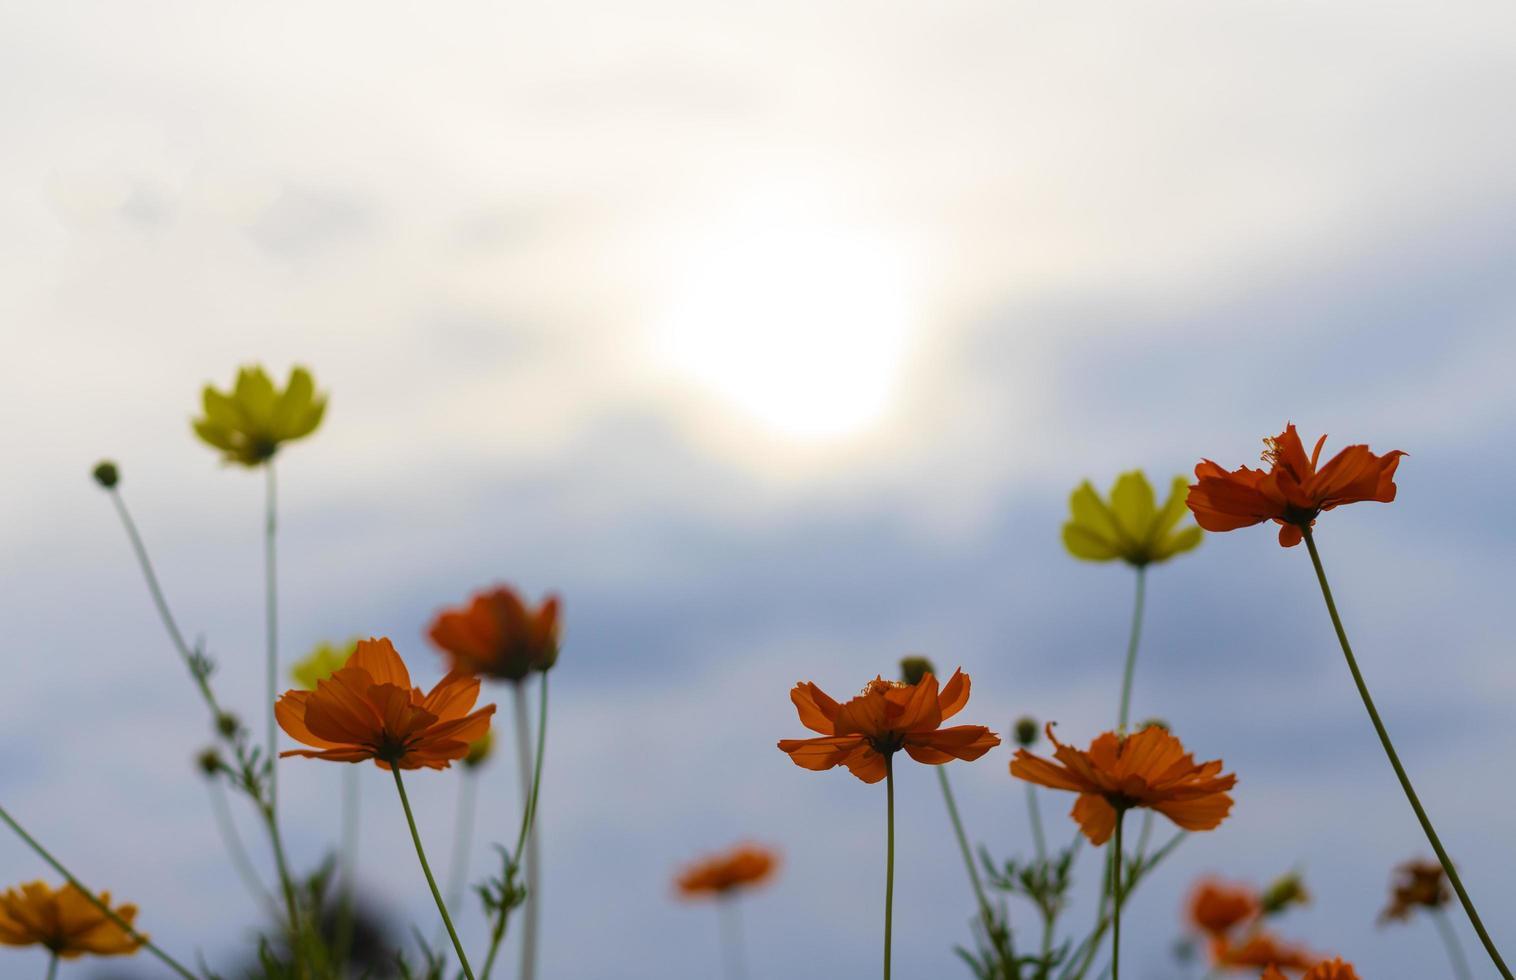 schöne Blumen aus der Sicht der Ameise. foto